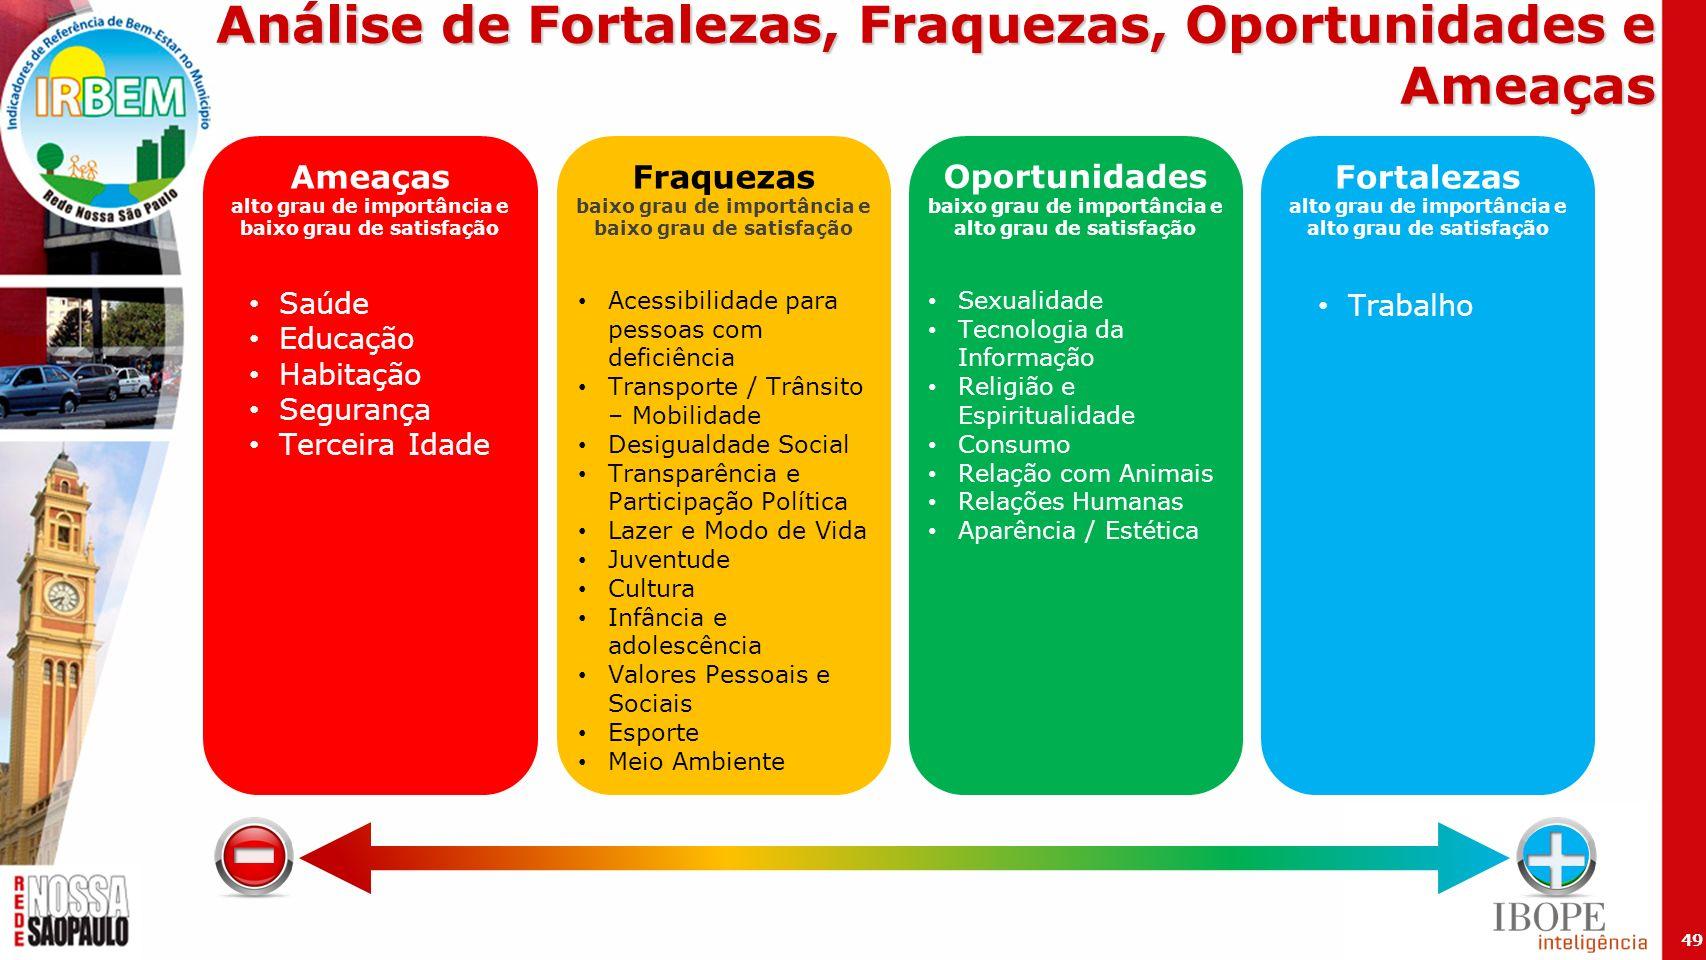 - + Análise de Fortalezas, Fraquezas, Oportunidades e Ameaças Ameaças